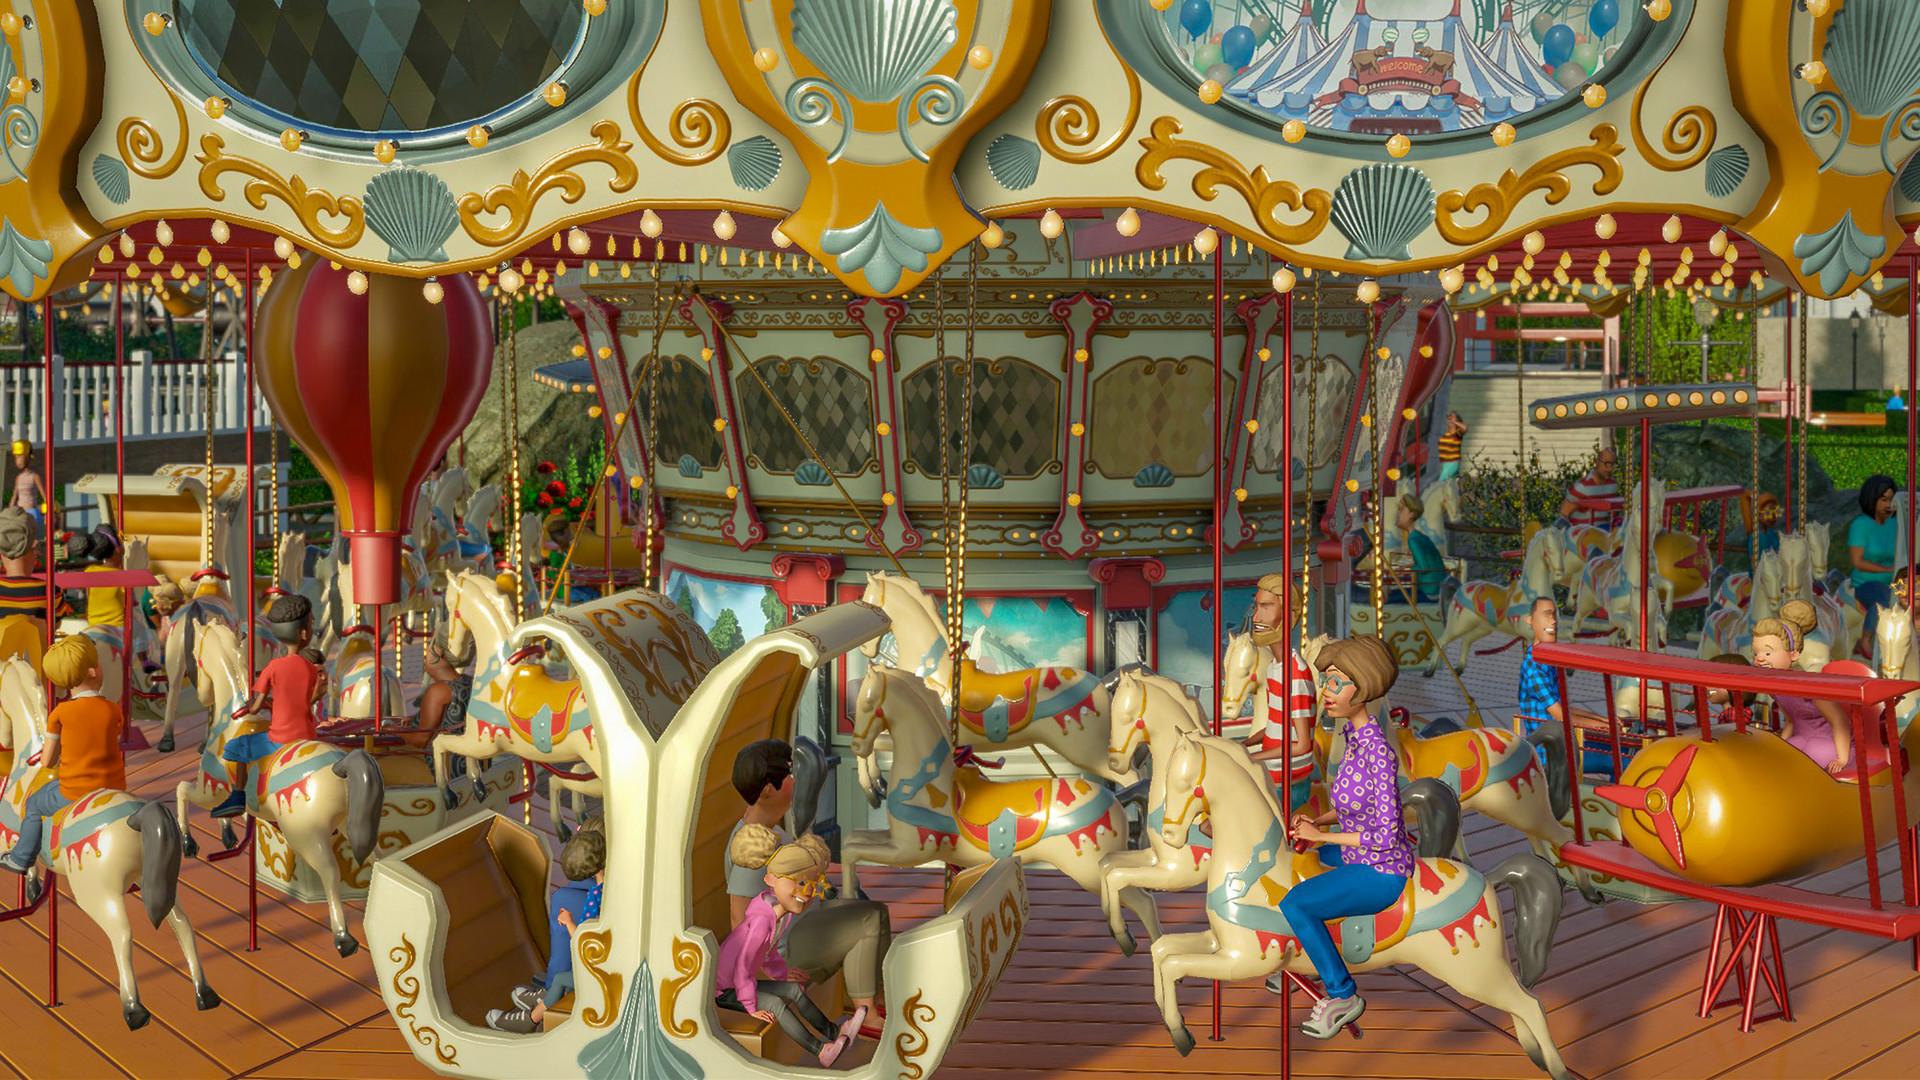 سی دی کی اریجینال استیم Planet Coaster - Magnificent Rides Collection